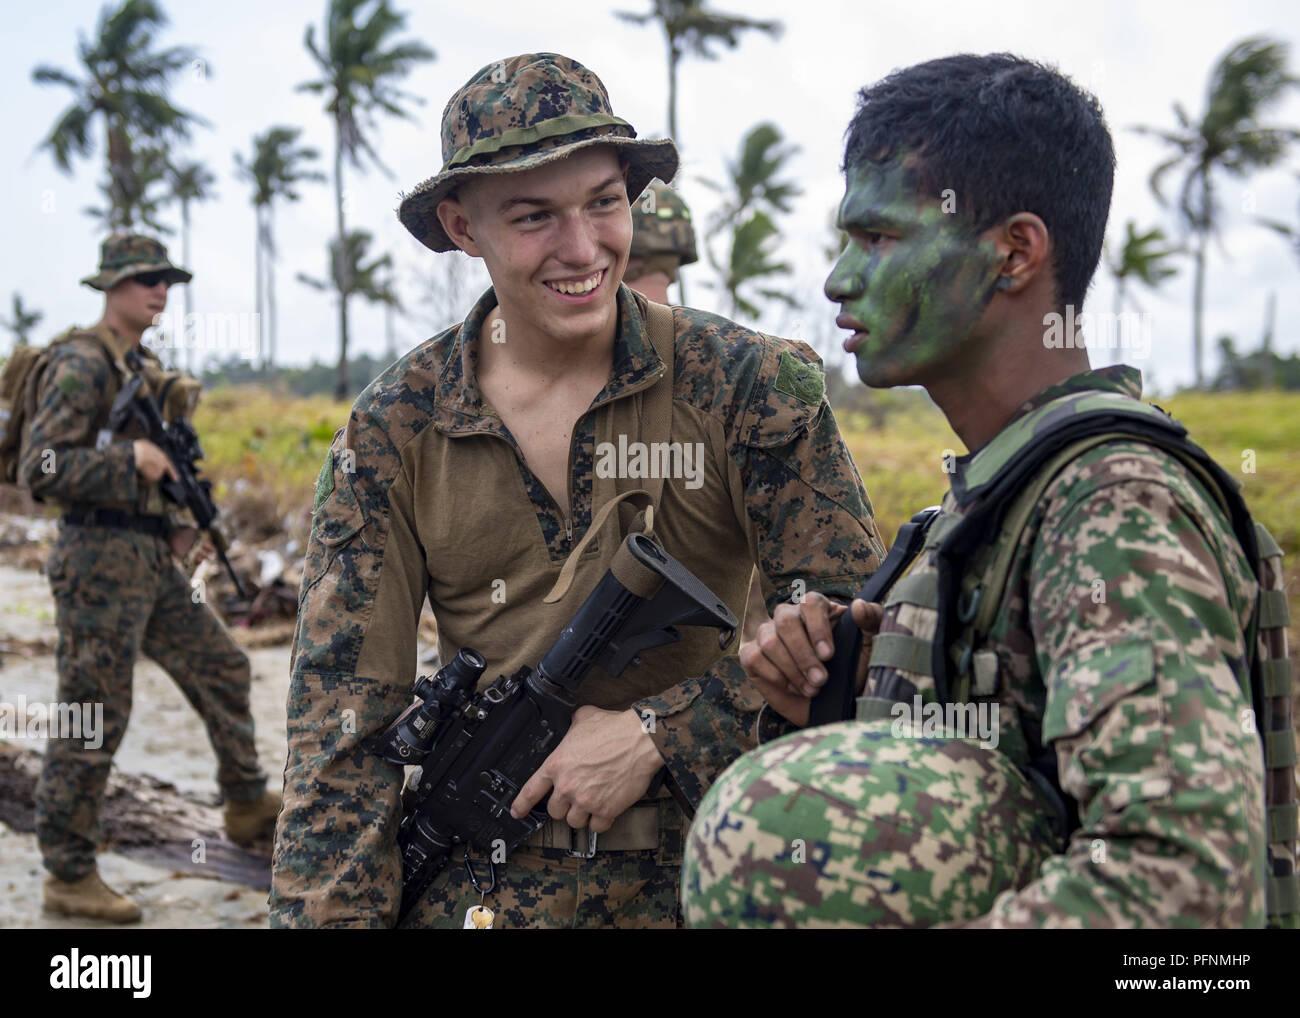 incontri Okinawa forze armate Pacifico